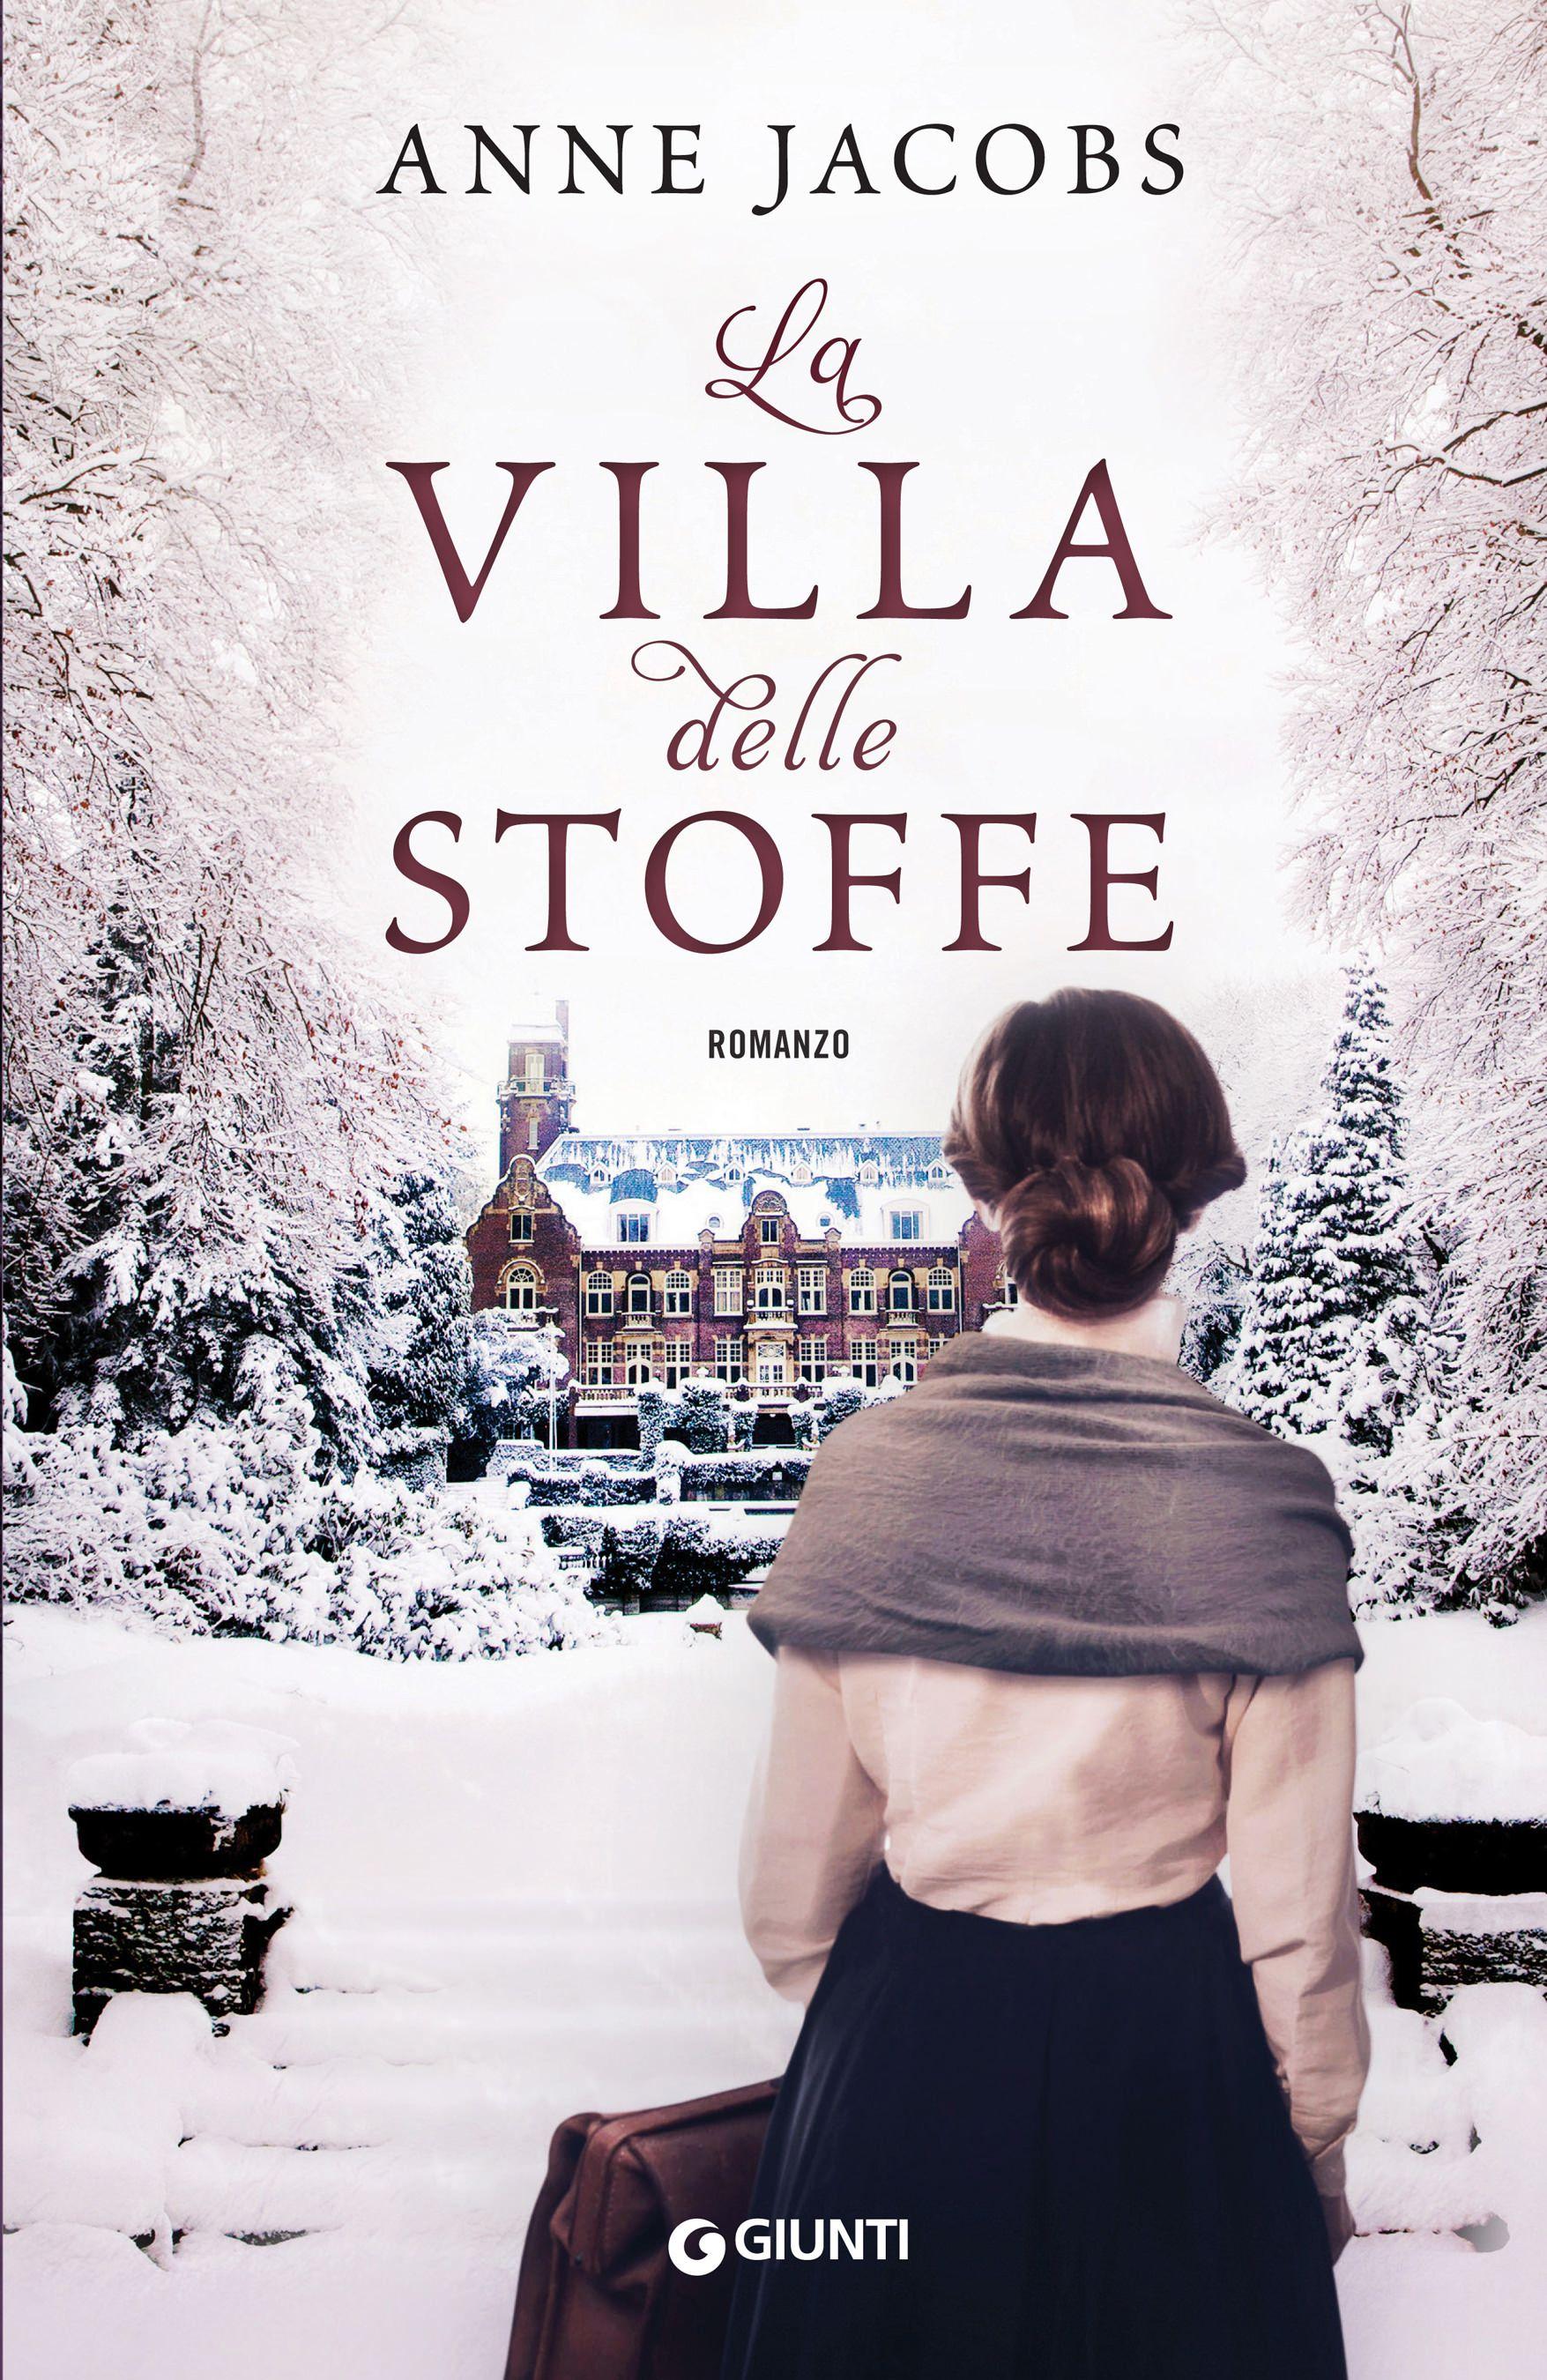 villa delle stoffe è un eBook di Jacobs, Anne pubblicato da Giunti ...